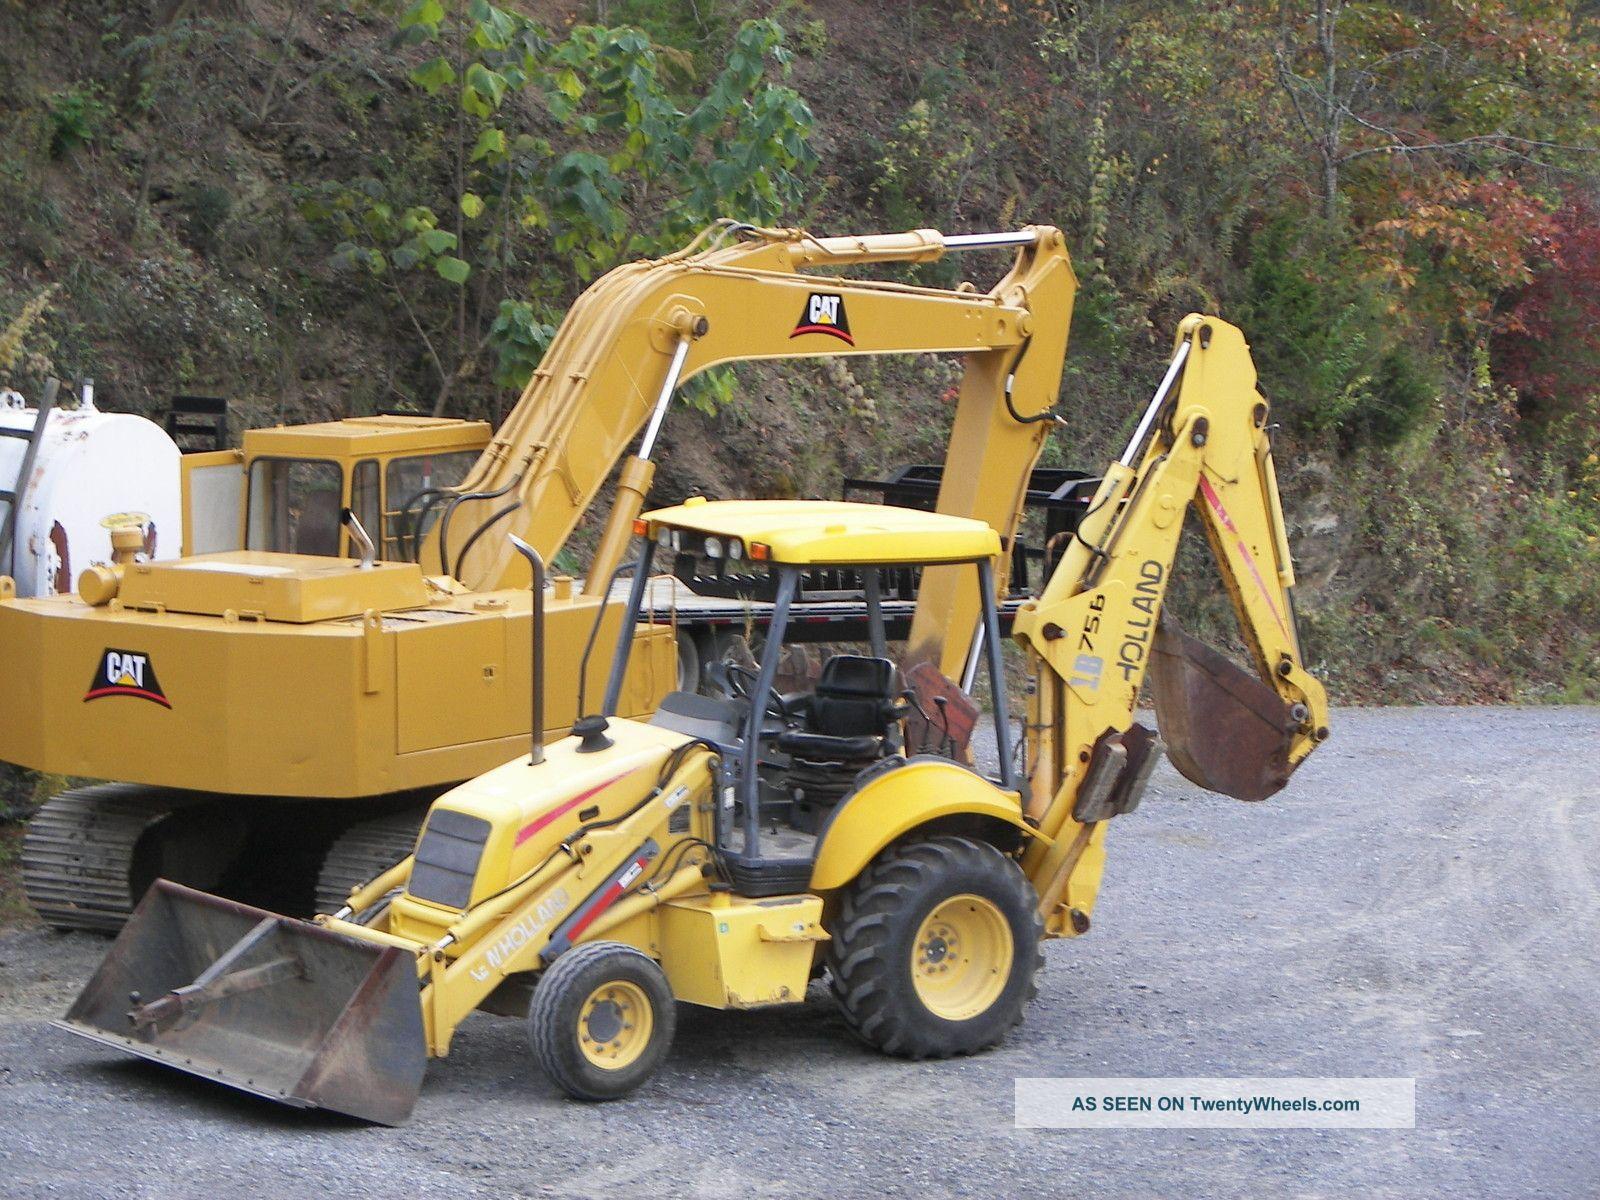 New Holland Lb75b Backhoe Loader Tractor   New Holland Backhoe ... on